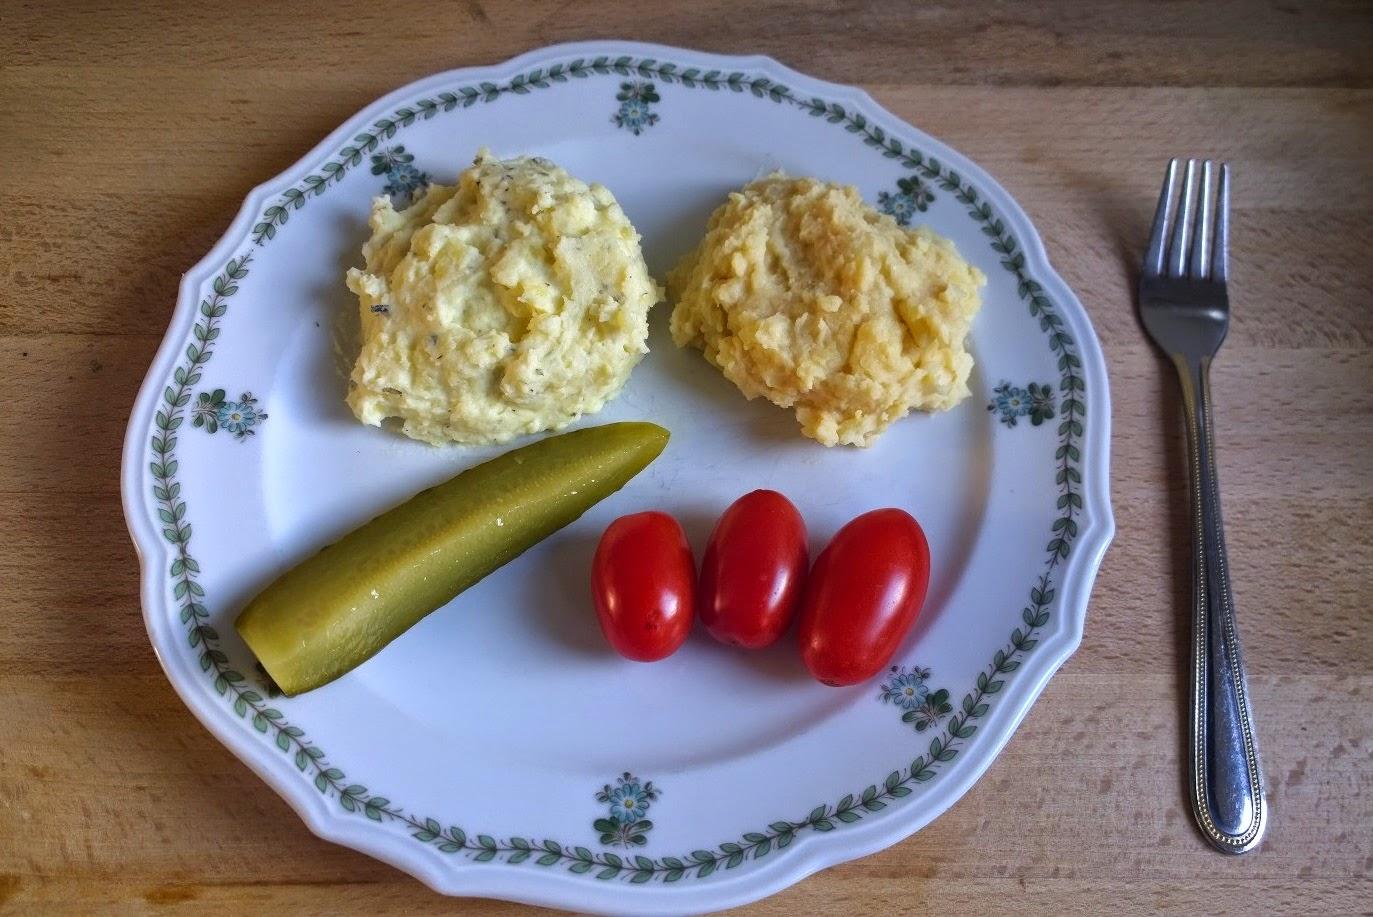 Kartoffelpüree ohne Milch, Kartoffelpüree ohne Butter, Kartoffelpüree mit Frischkäse, Kartoffelpüree mit Erdnussbutter